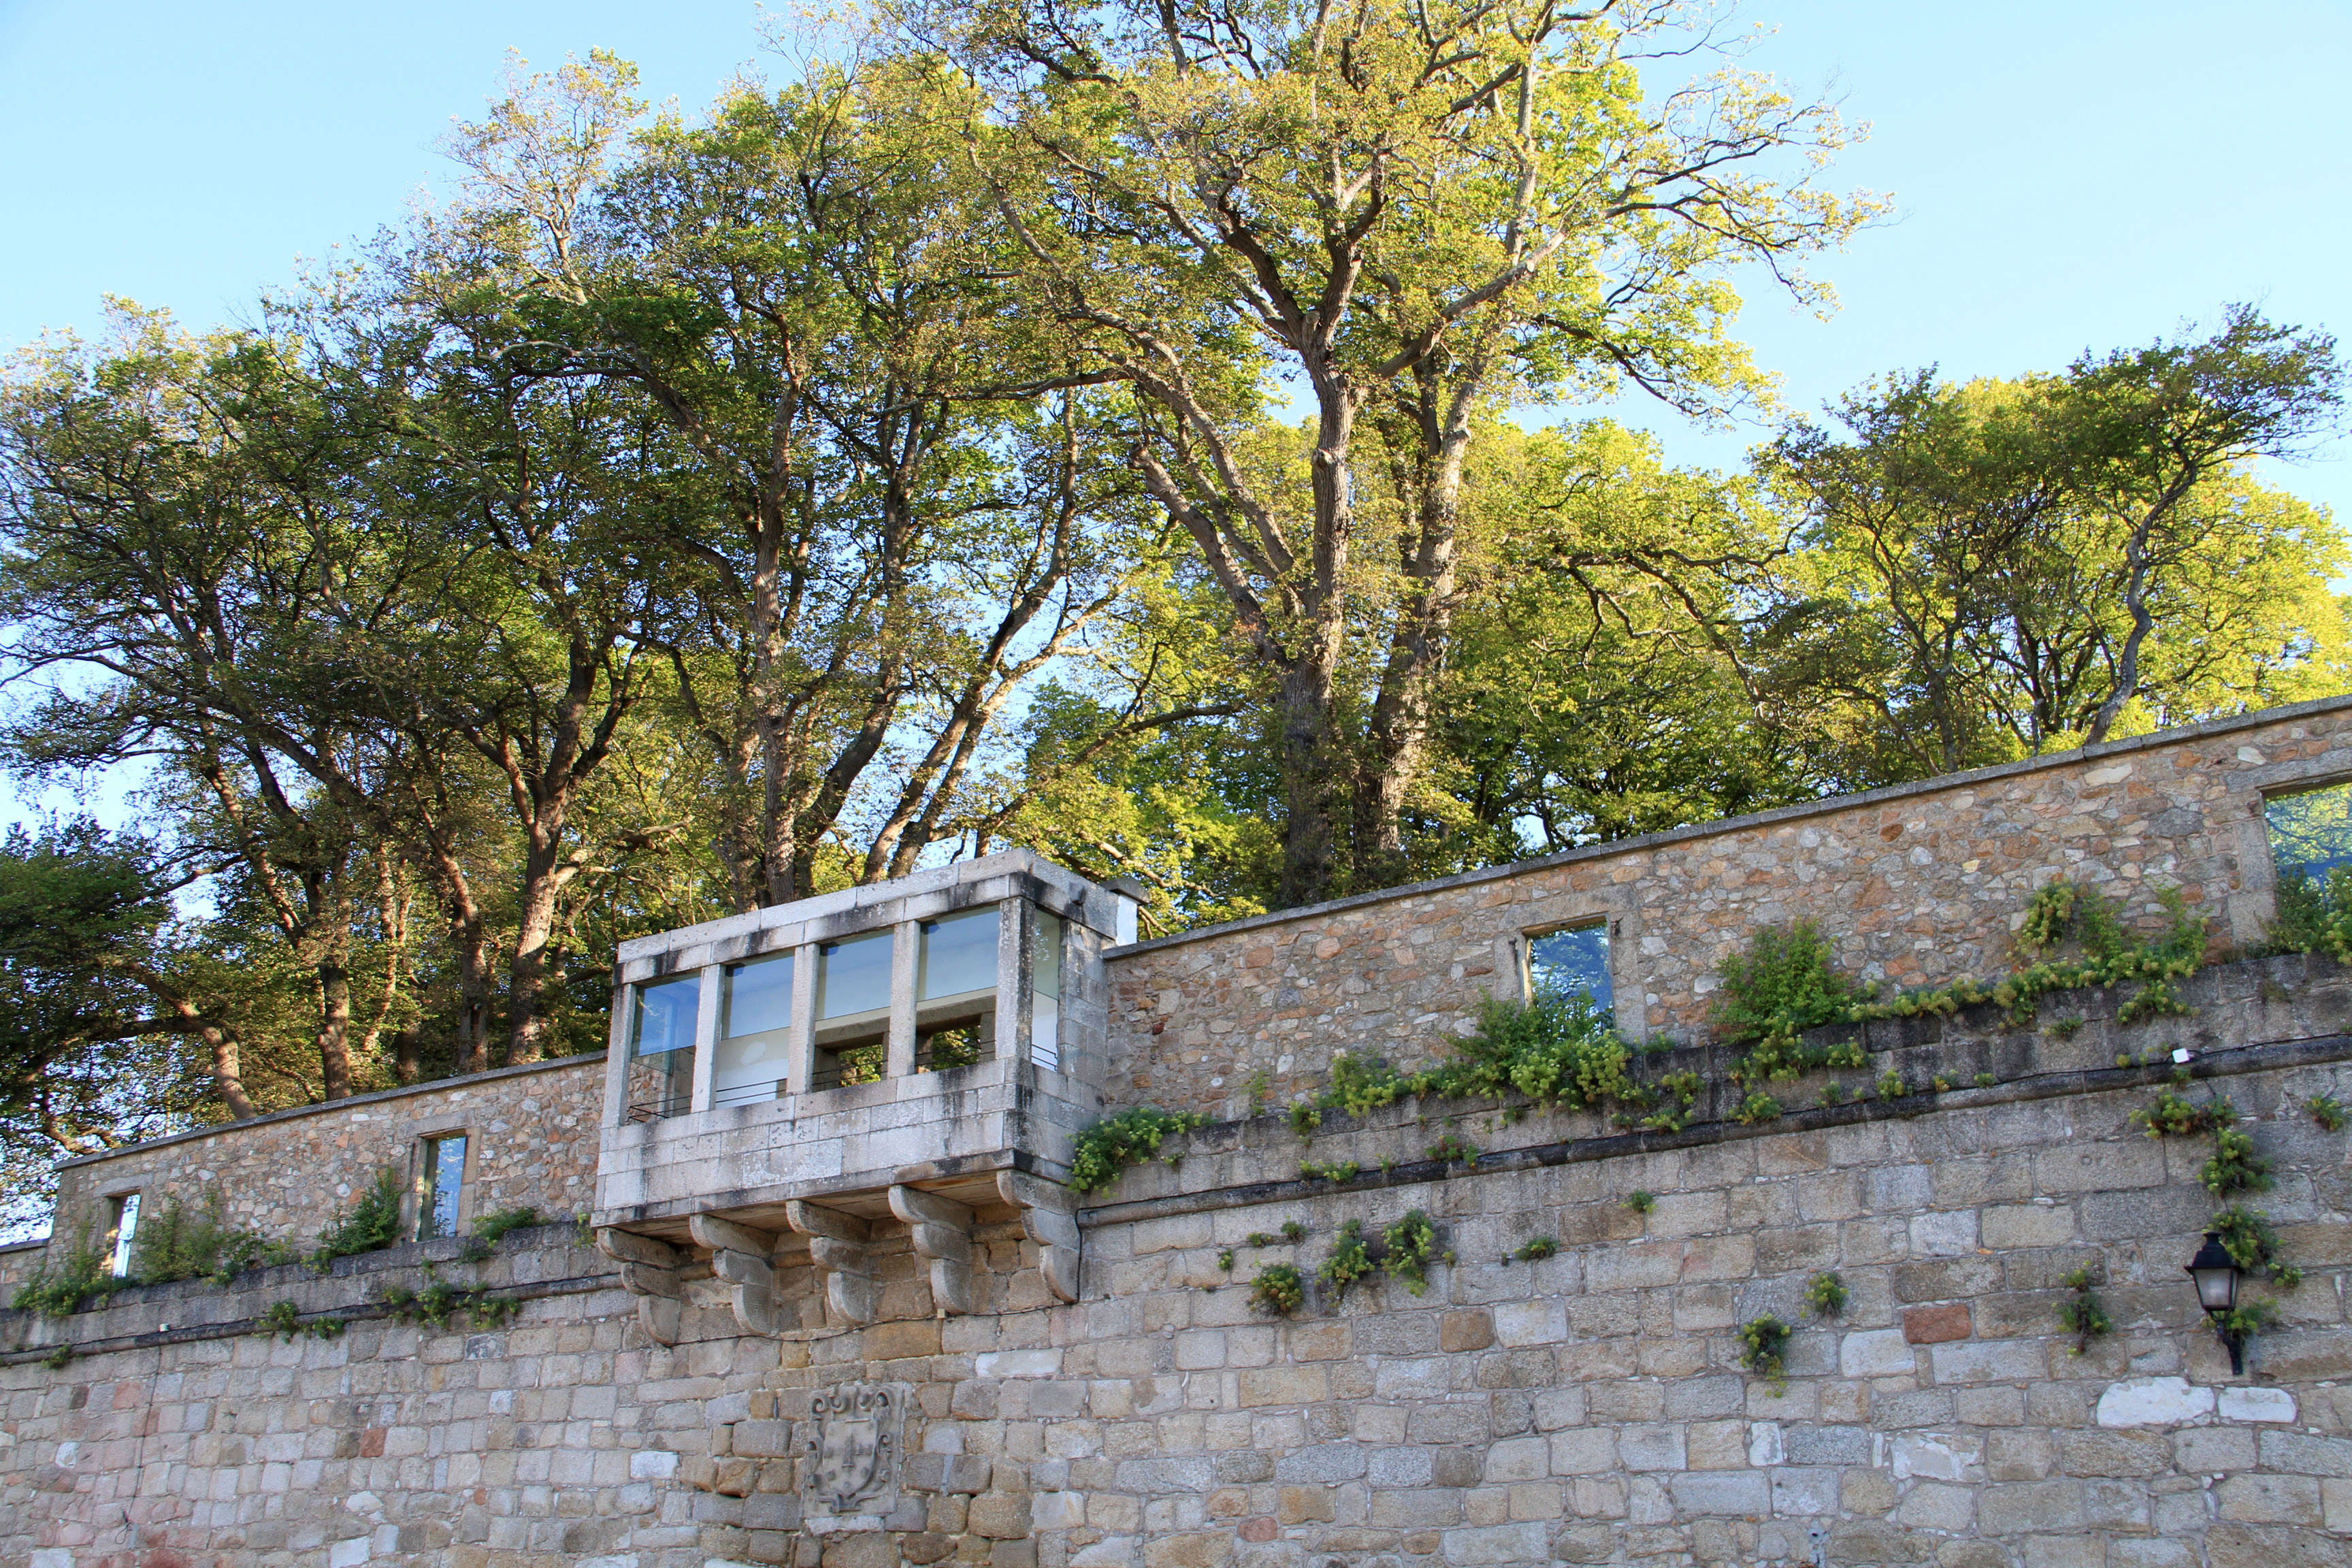 El jard n de san carlos galiciangarden for Jardin 81 san carlos